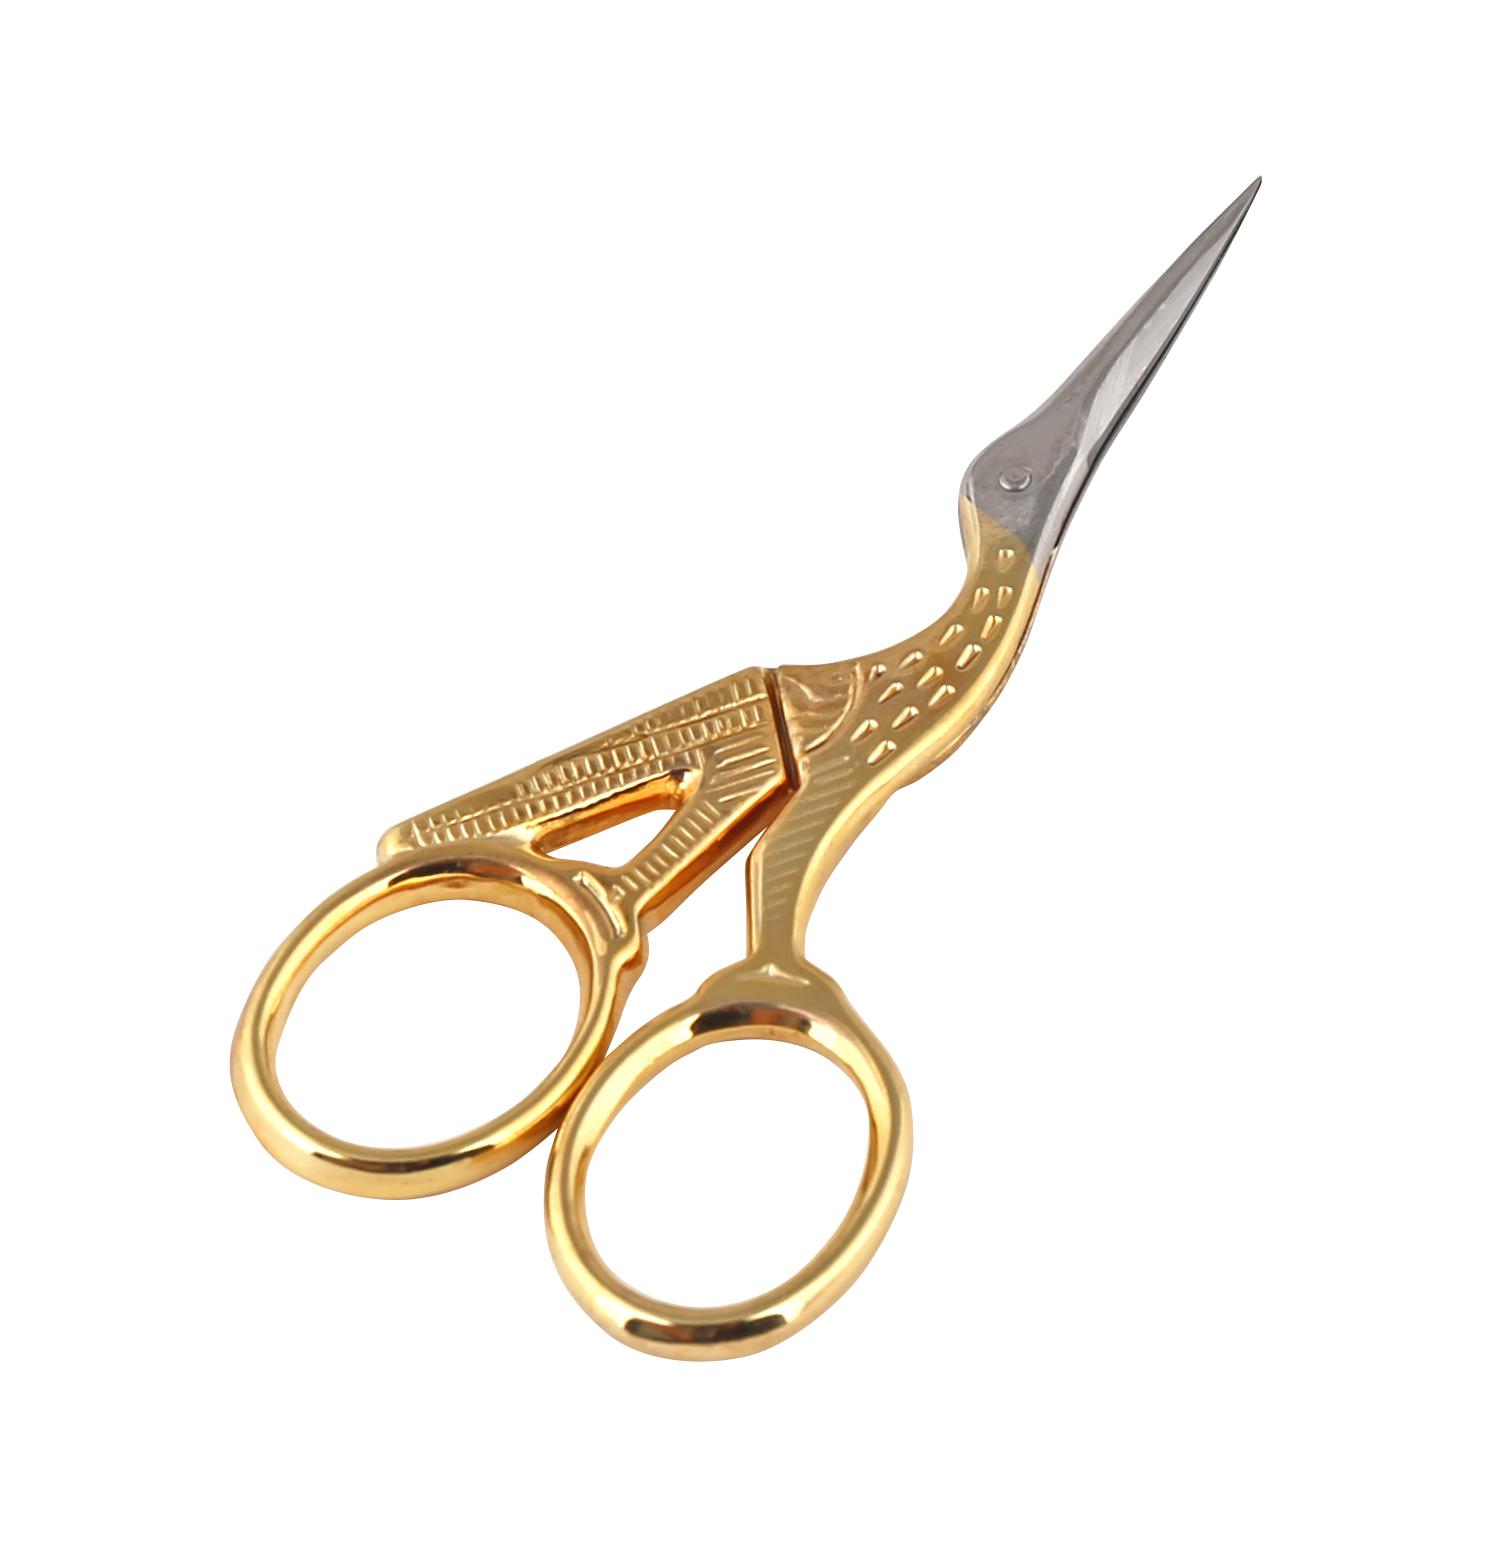 Ножницы вышивальные Premax Цапельки, цвет: золотистый, длина 9,3 смFS-36052Вышивальные ножницы Premax Цапельки изготовлены из нержавеющей стали в форме цапли. Предназначены для обрезания ниток, выполнения подсечек и прочих мелких работ. Ножницы имеют удобные ручки с золотистым покрытием. Длина ножниц: 9,3 см. Длина лезвия: 2,5 см.